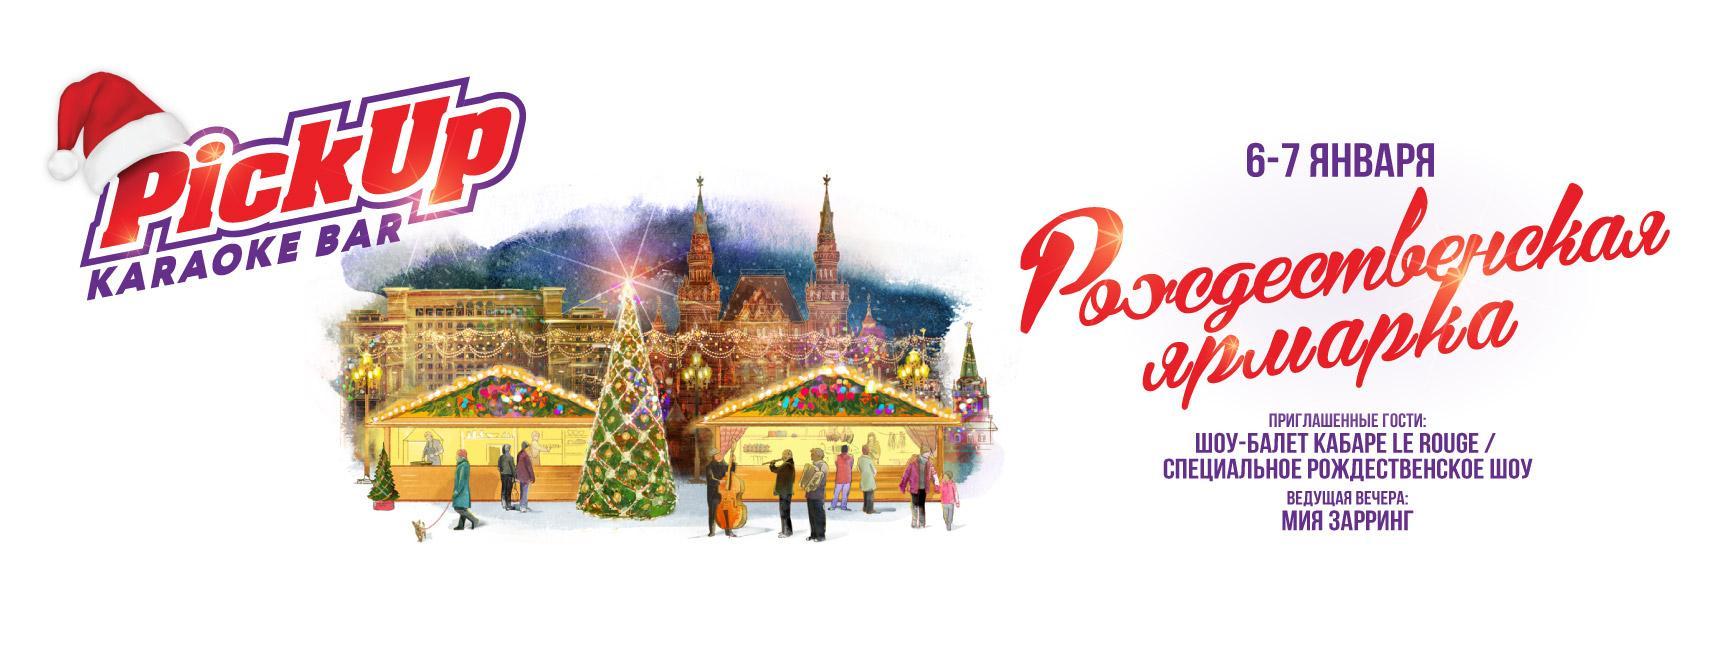 """""""Рождественская ярмарка"""" в караоке PICK UP / 6-7 января"""